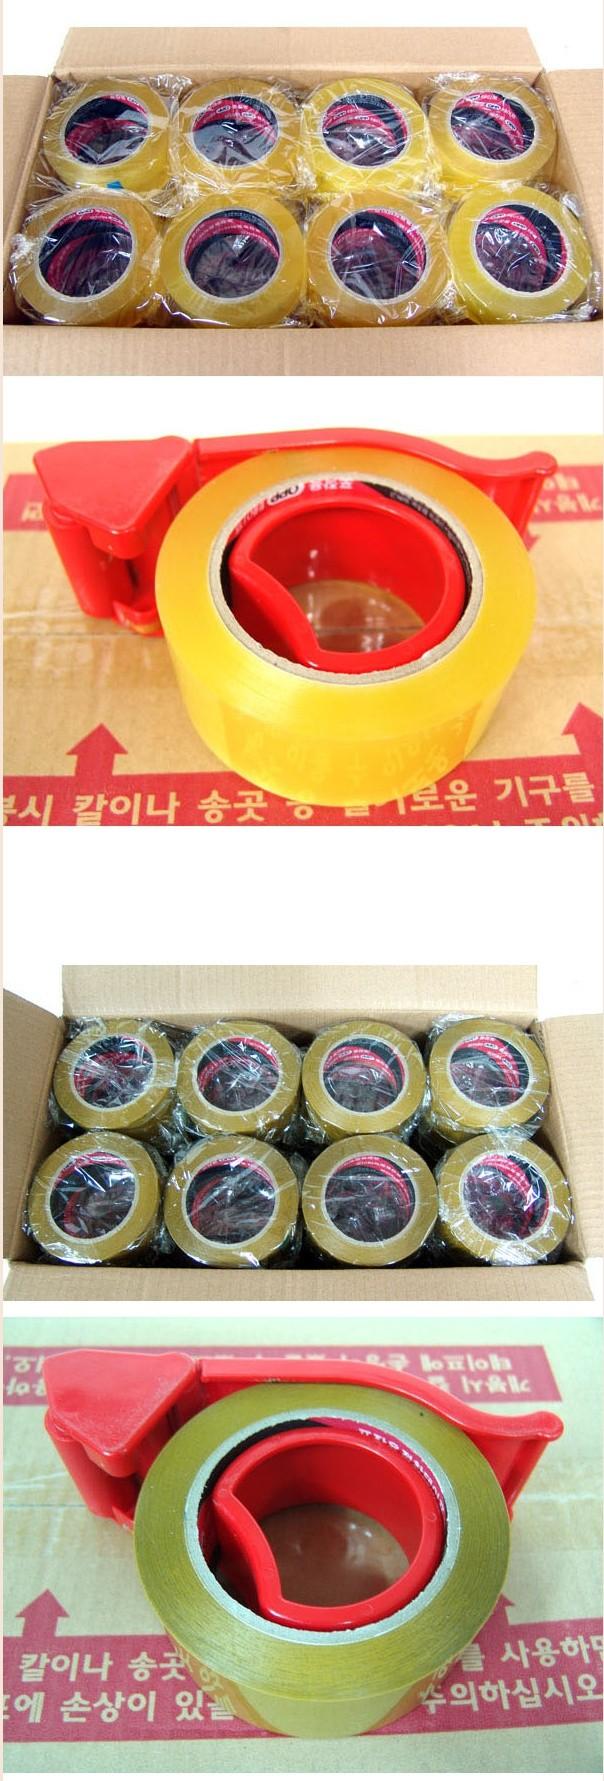 (중포장) 80M 박스테이프 택포 30,000원 팝니다(투명,황색)